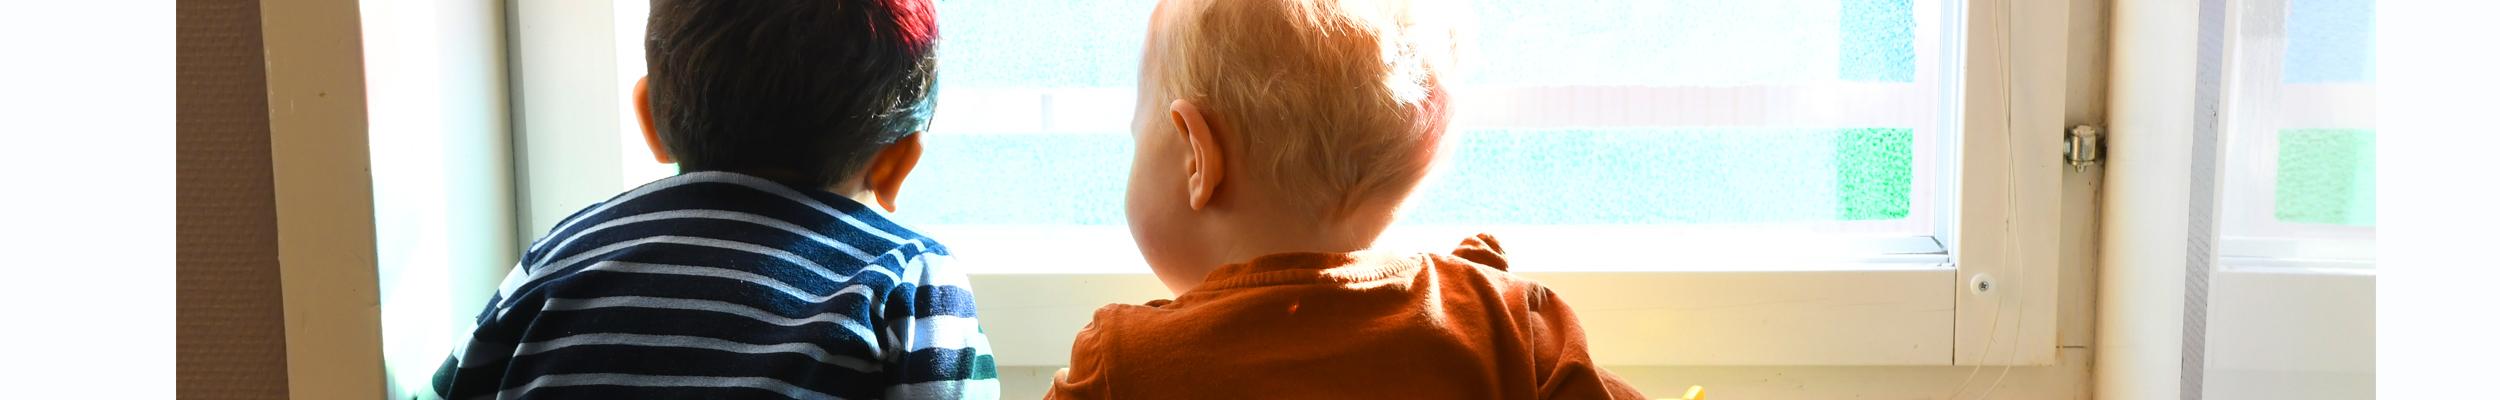 Två barn tittar ut genom fönstret